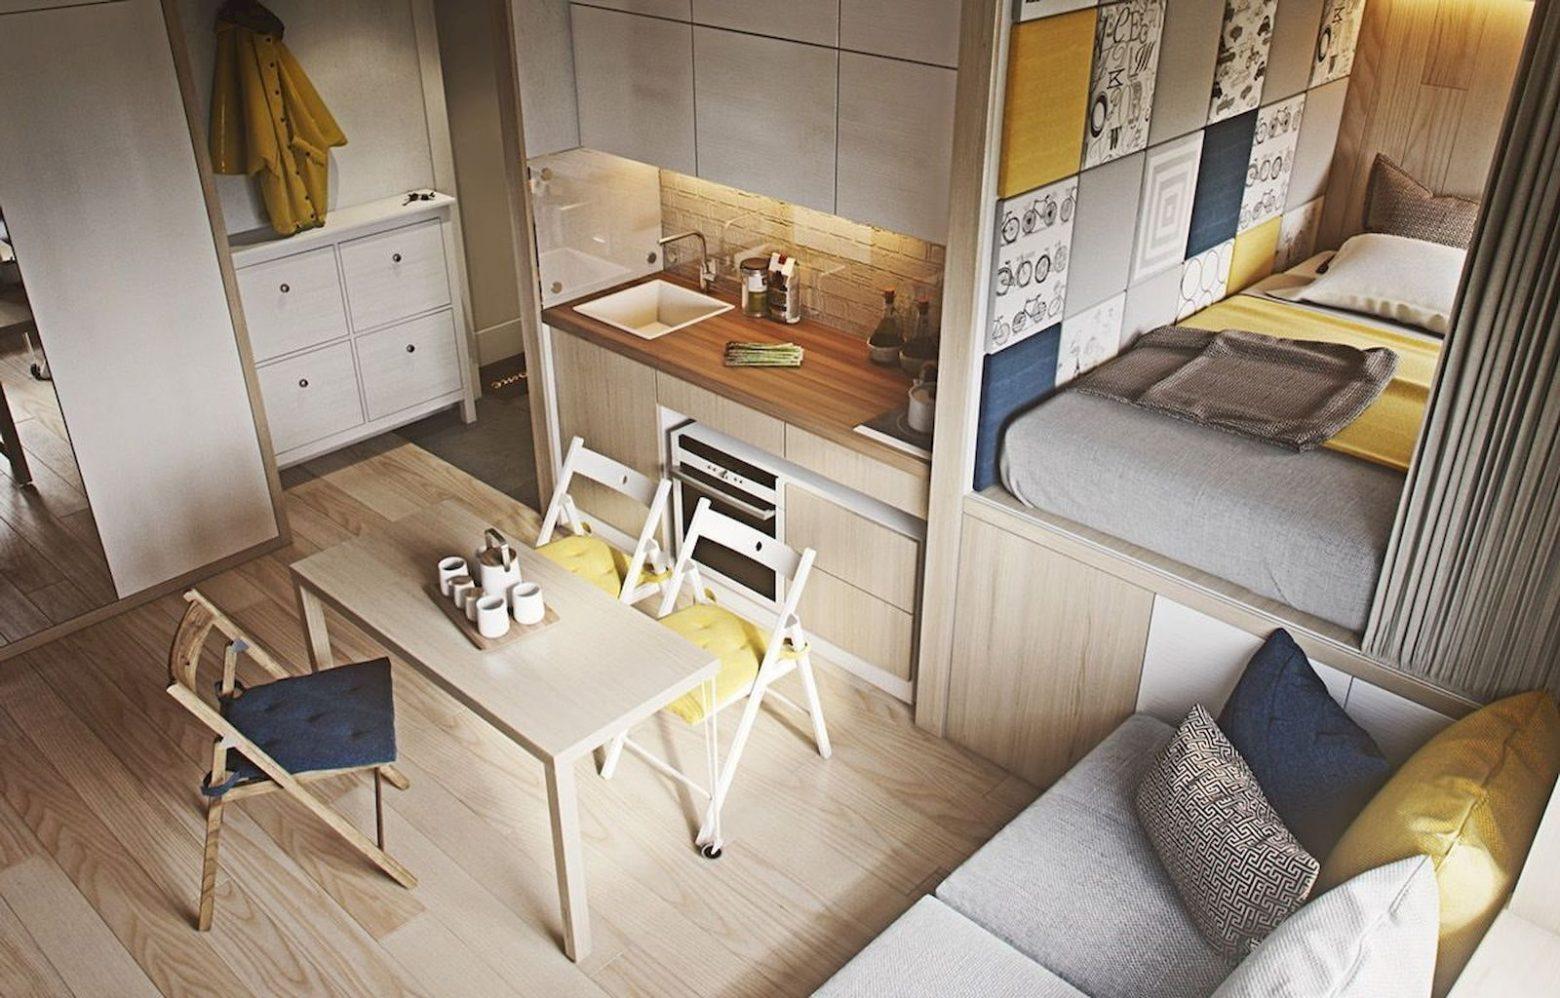 Интерьер квартиры студии 20 кв м – Дизайн квартиры-студии 20 кв. м. [60+ фото] планировки, зонирование